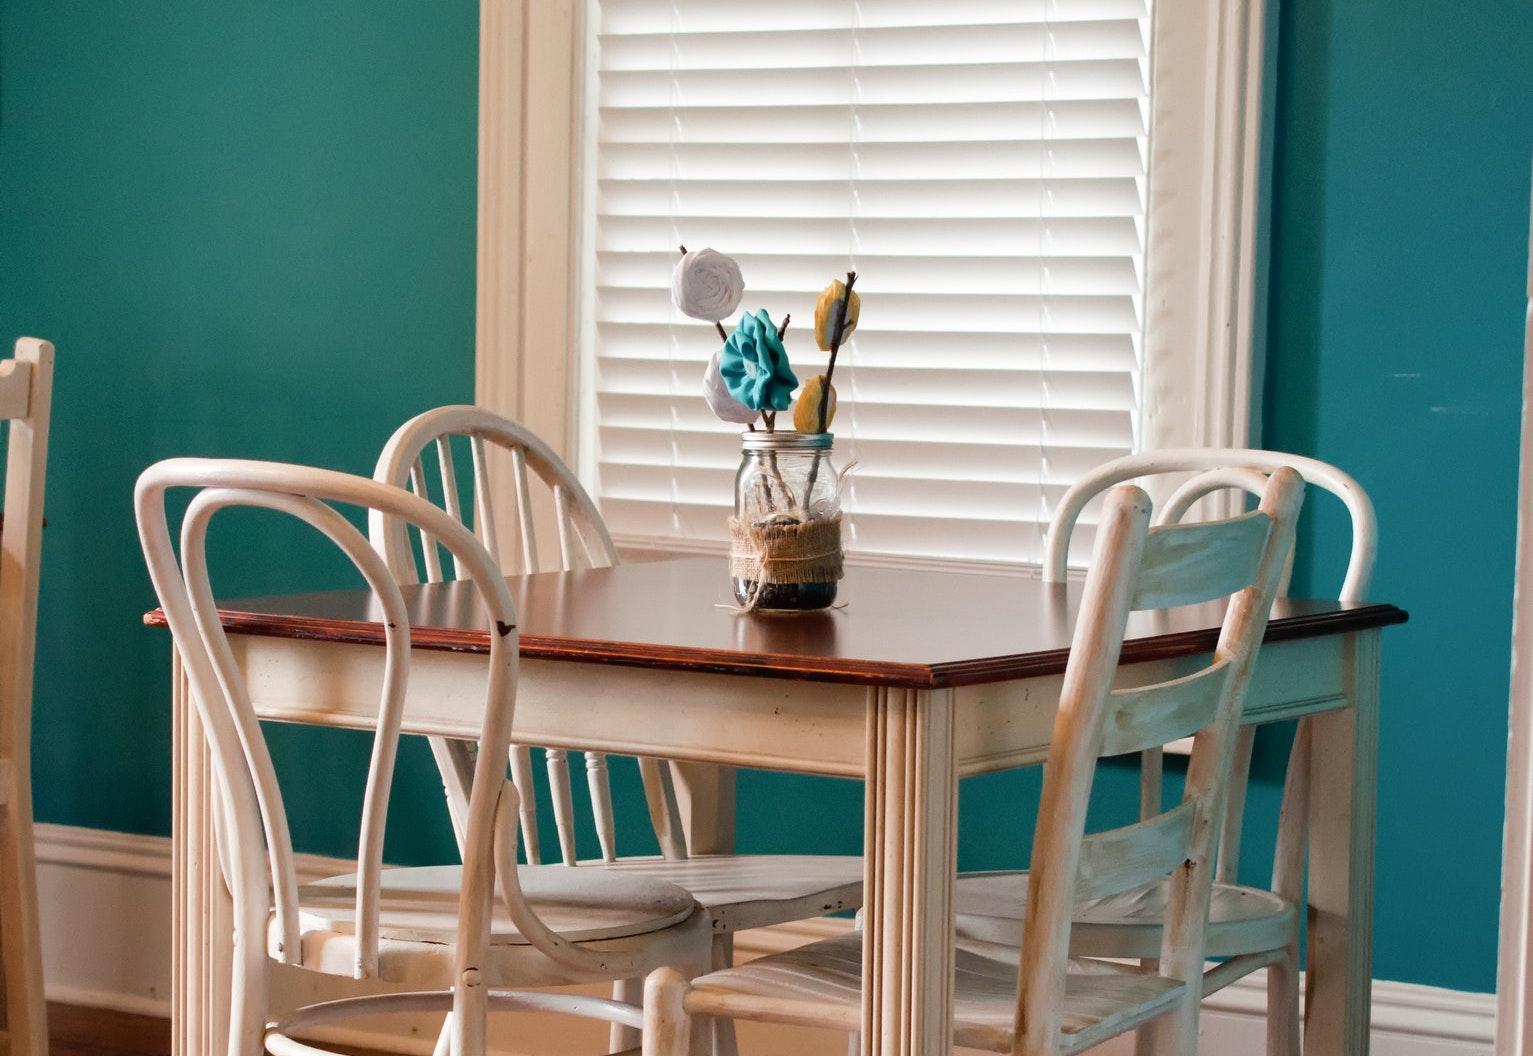 配色でガラッと変わる!おしゃれな家具の色コーディネート5選